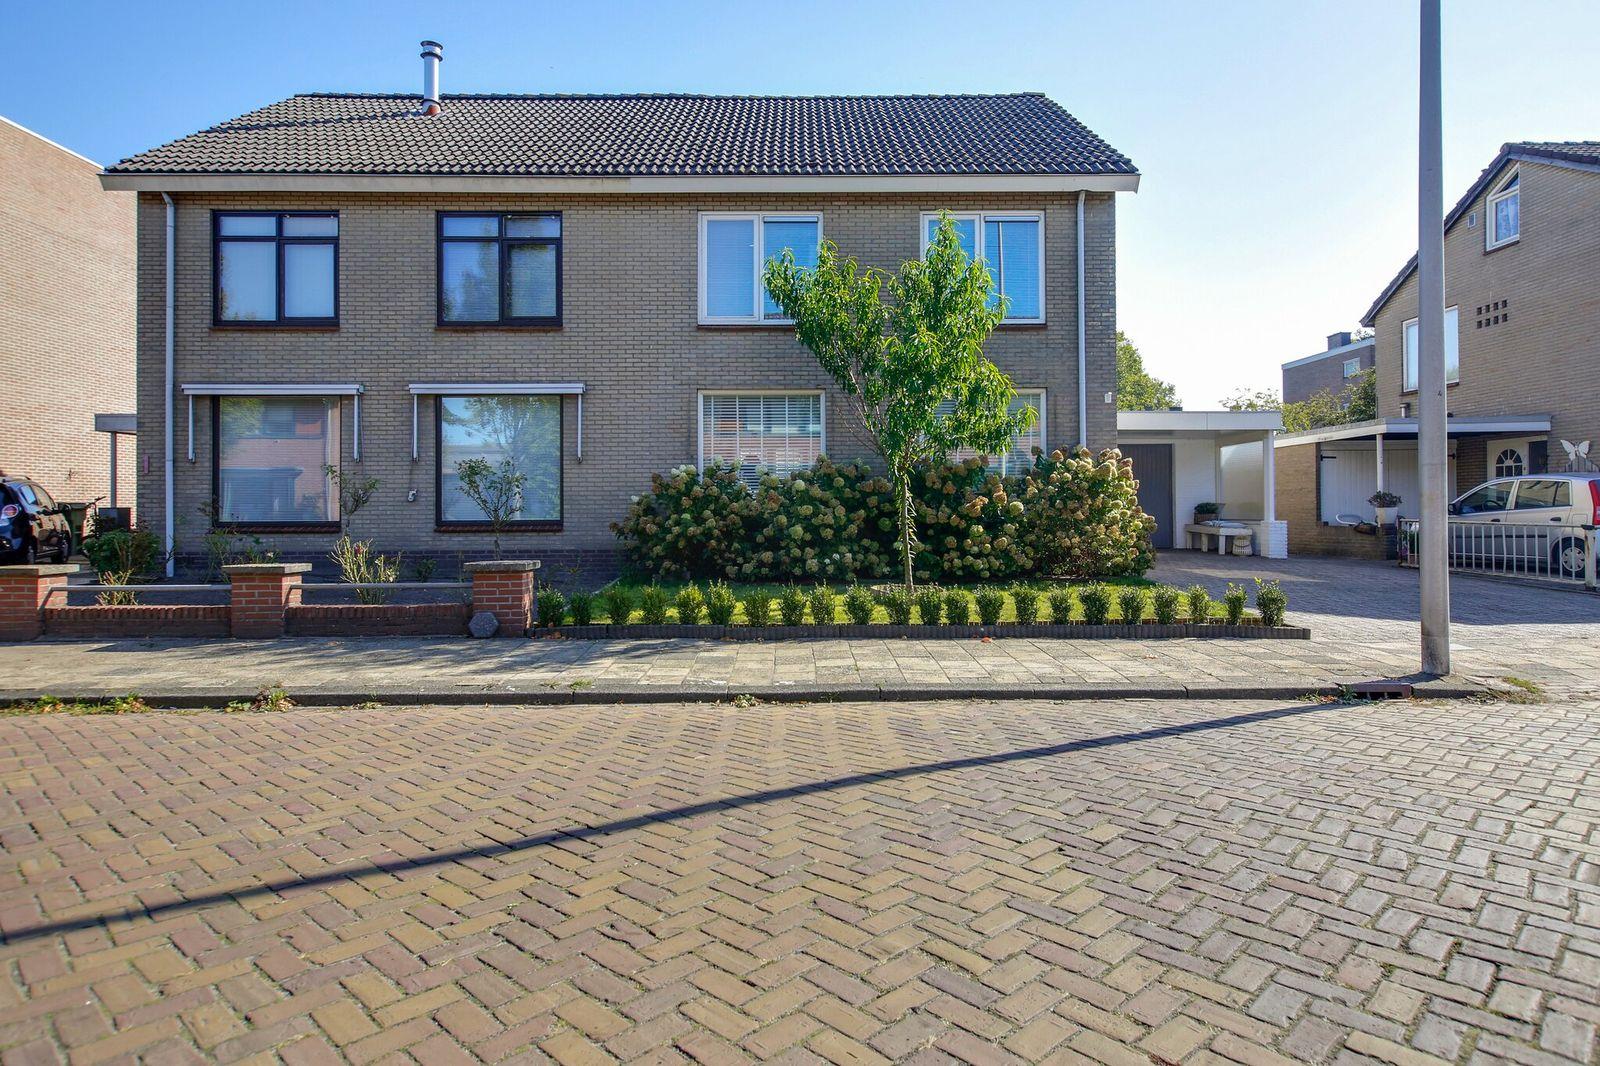 Schoklandstraat 3, Hoogeveen